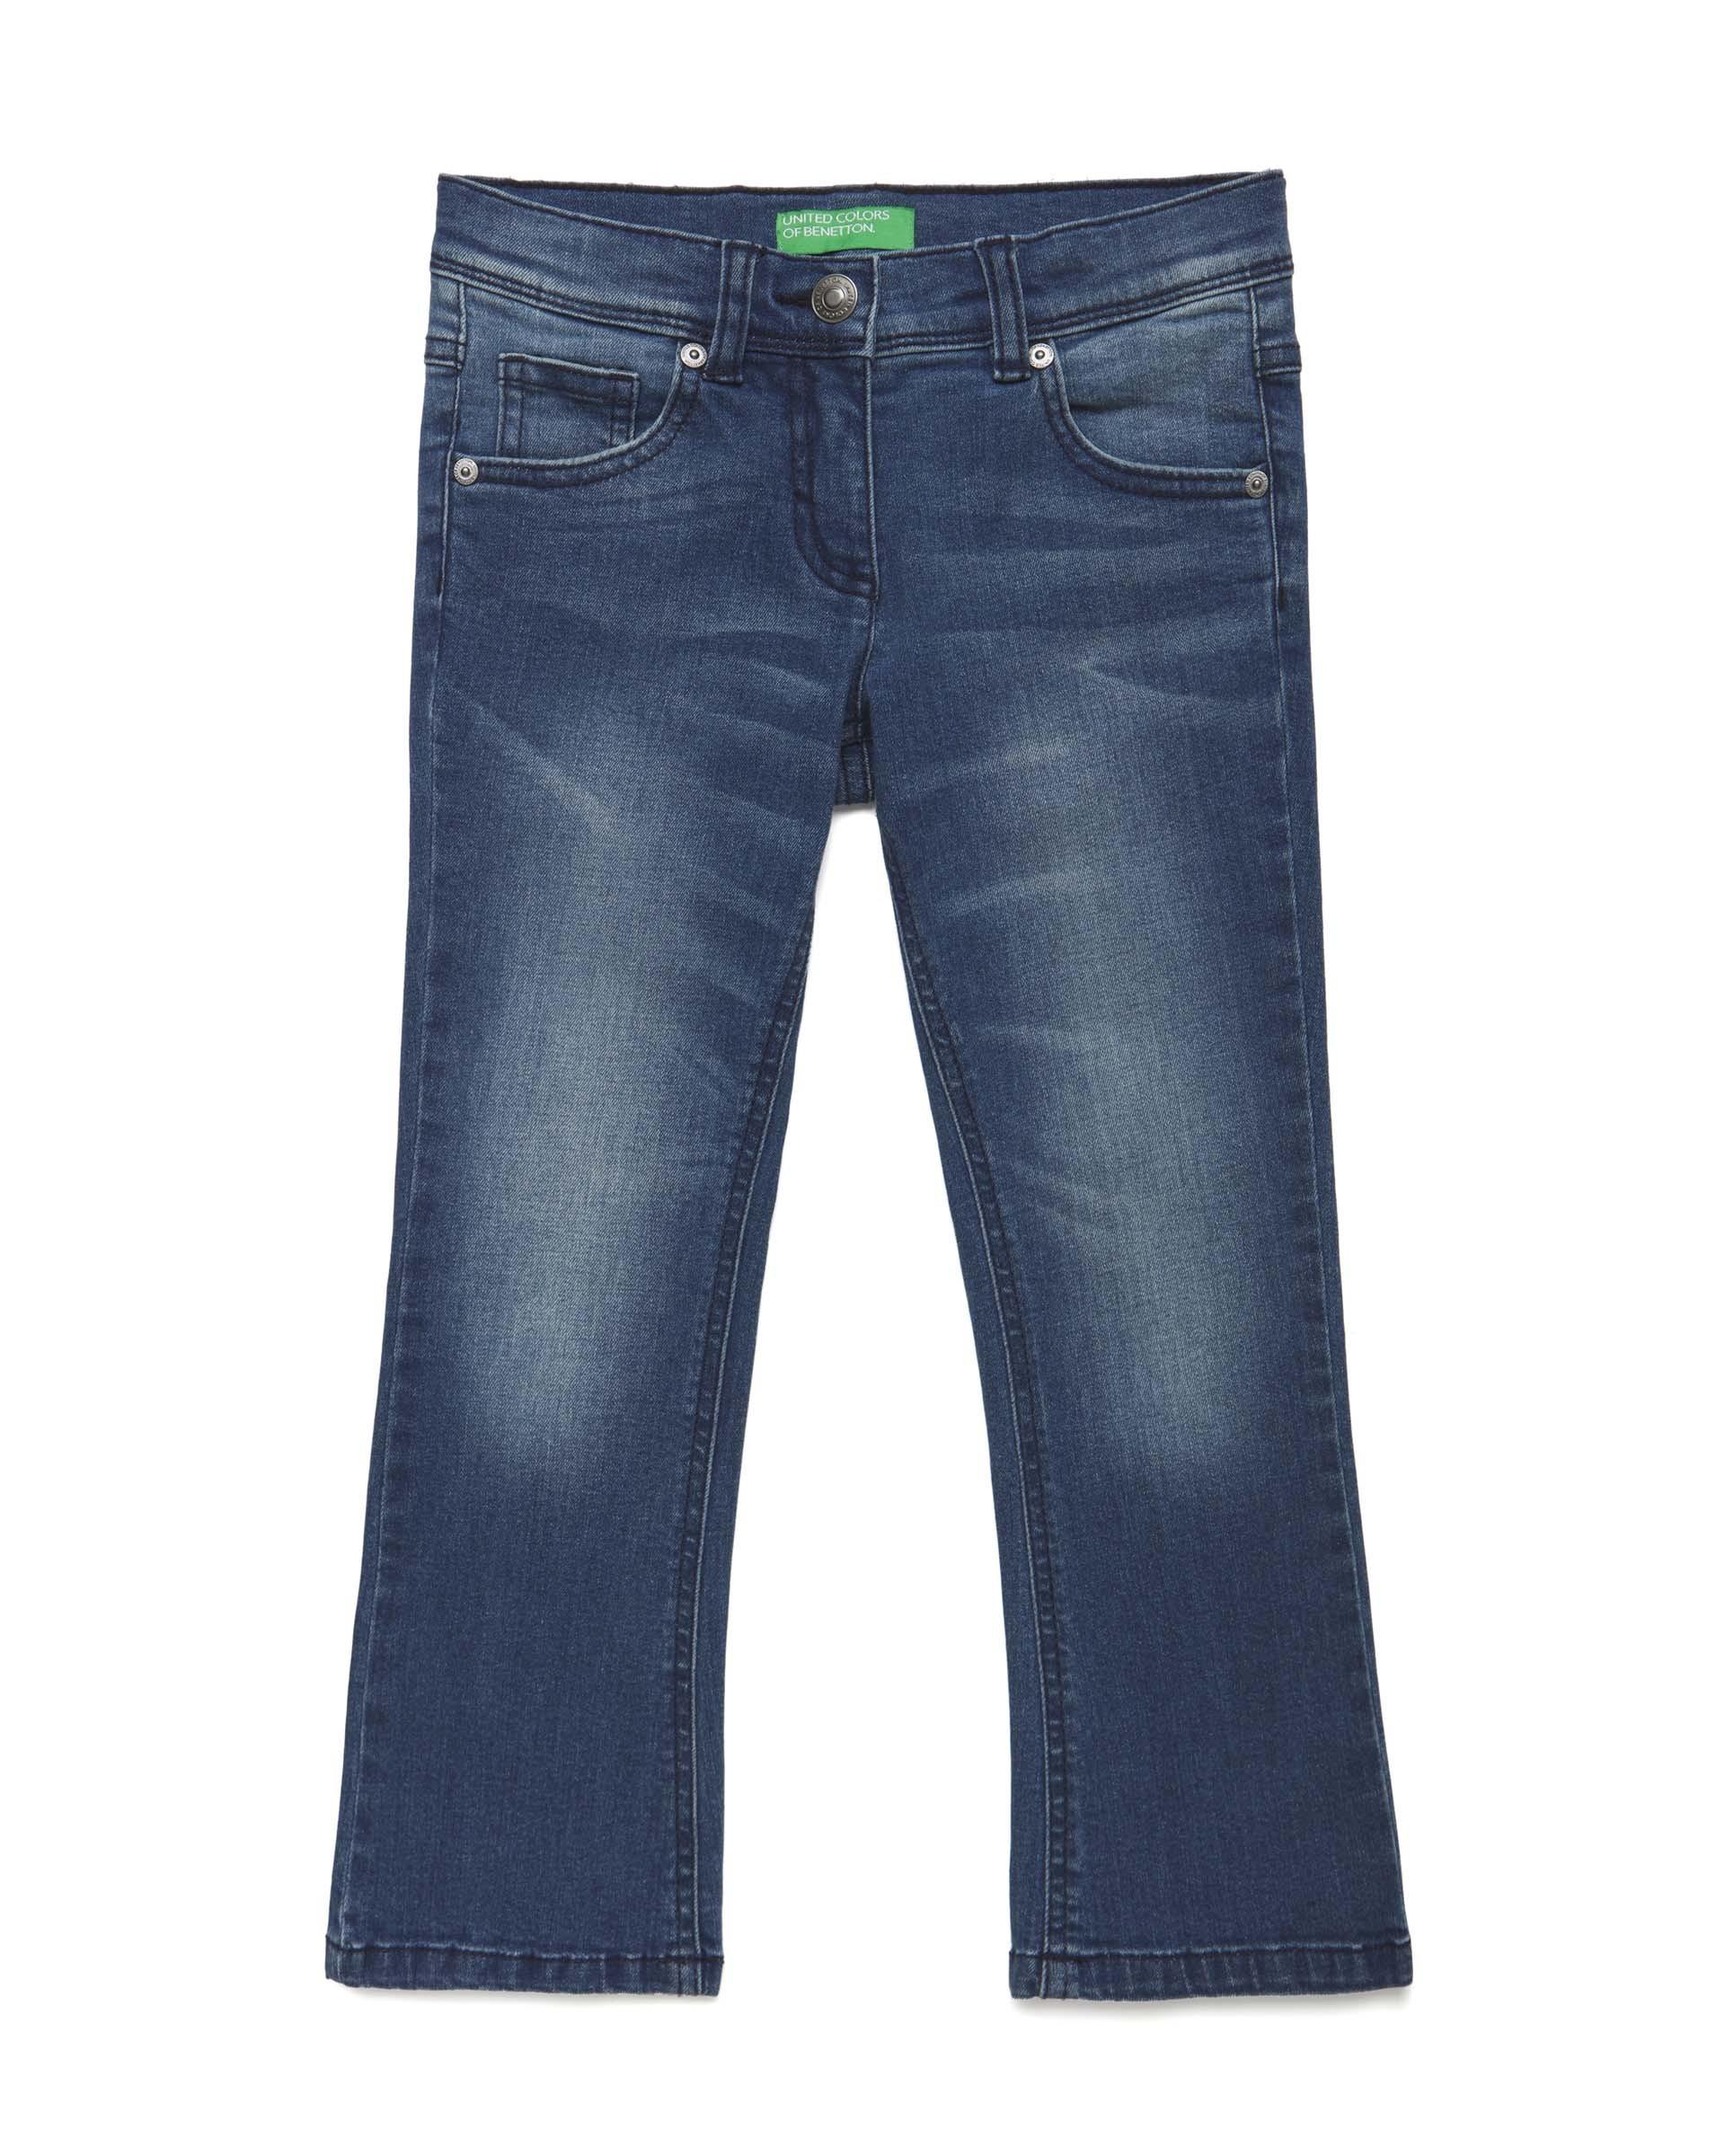 Купить 20P_4DMT57JZ0_901, Джинсы для девочек Benetton 4DMT57JZ0_901 р-р 152, United Colors of Benetton